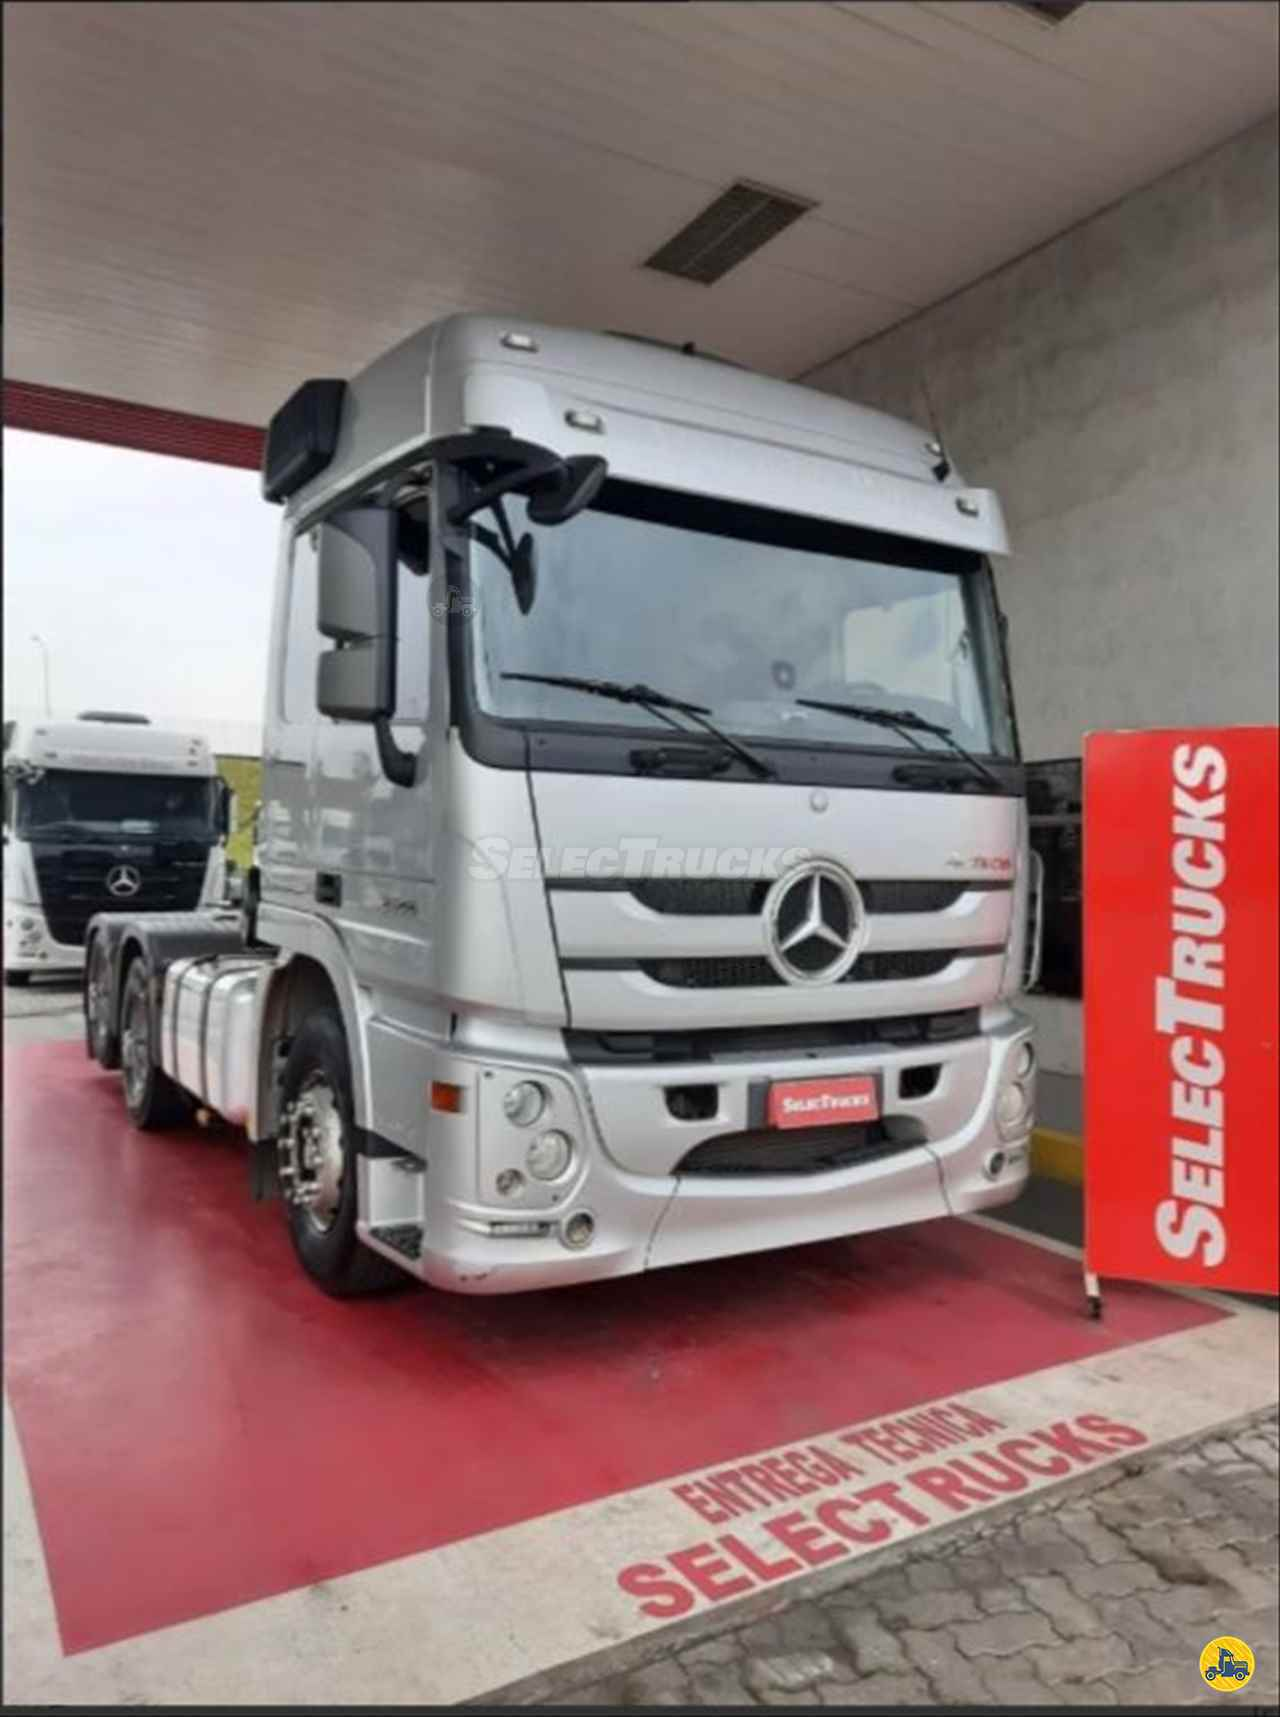 CAMINHAO MERCEDES-BENZ MB 2546 Cavalo Mecânico Truck 6x2 SelecTrucks - Mauá SP - Matriz  MAUA SÃO PAULO SP